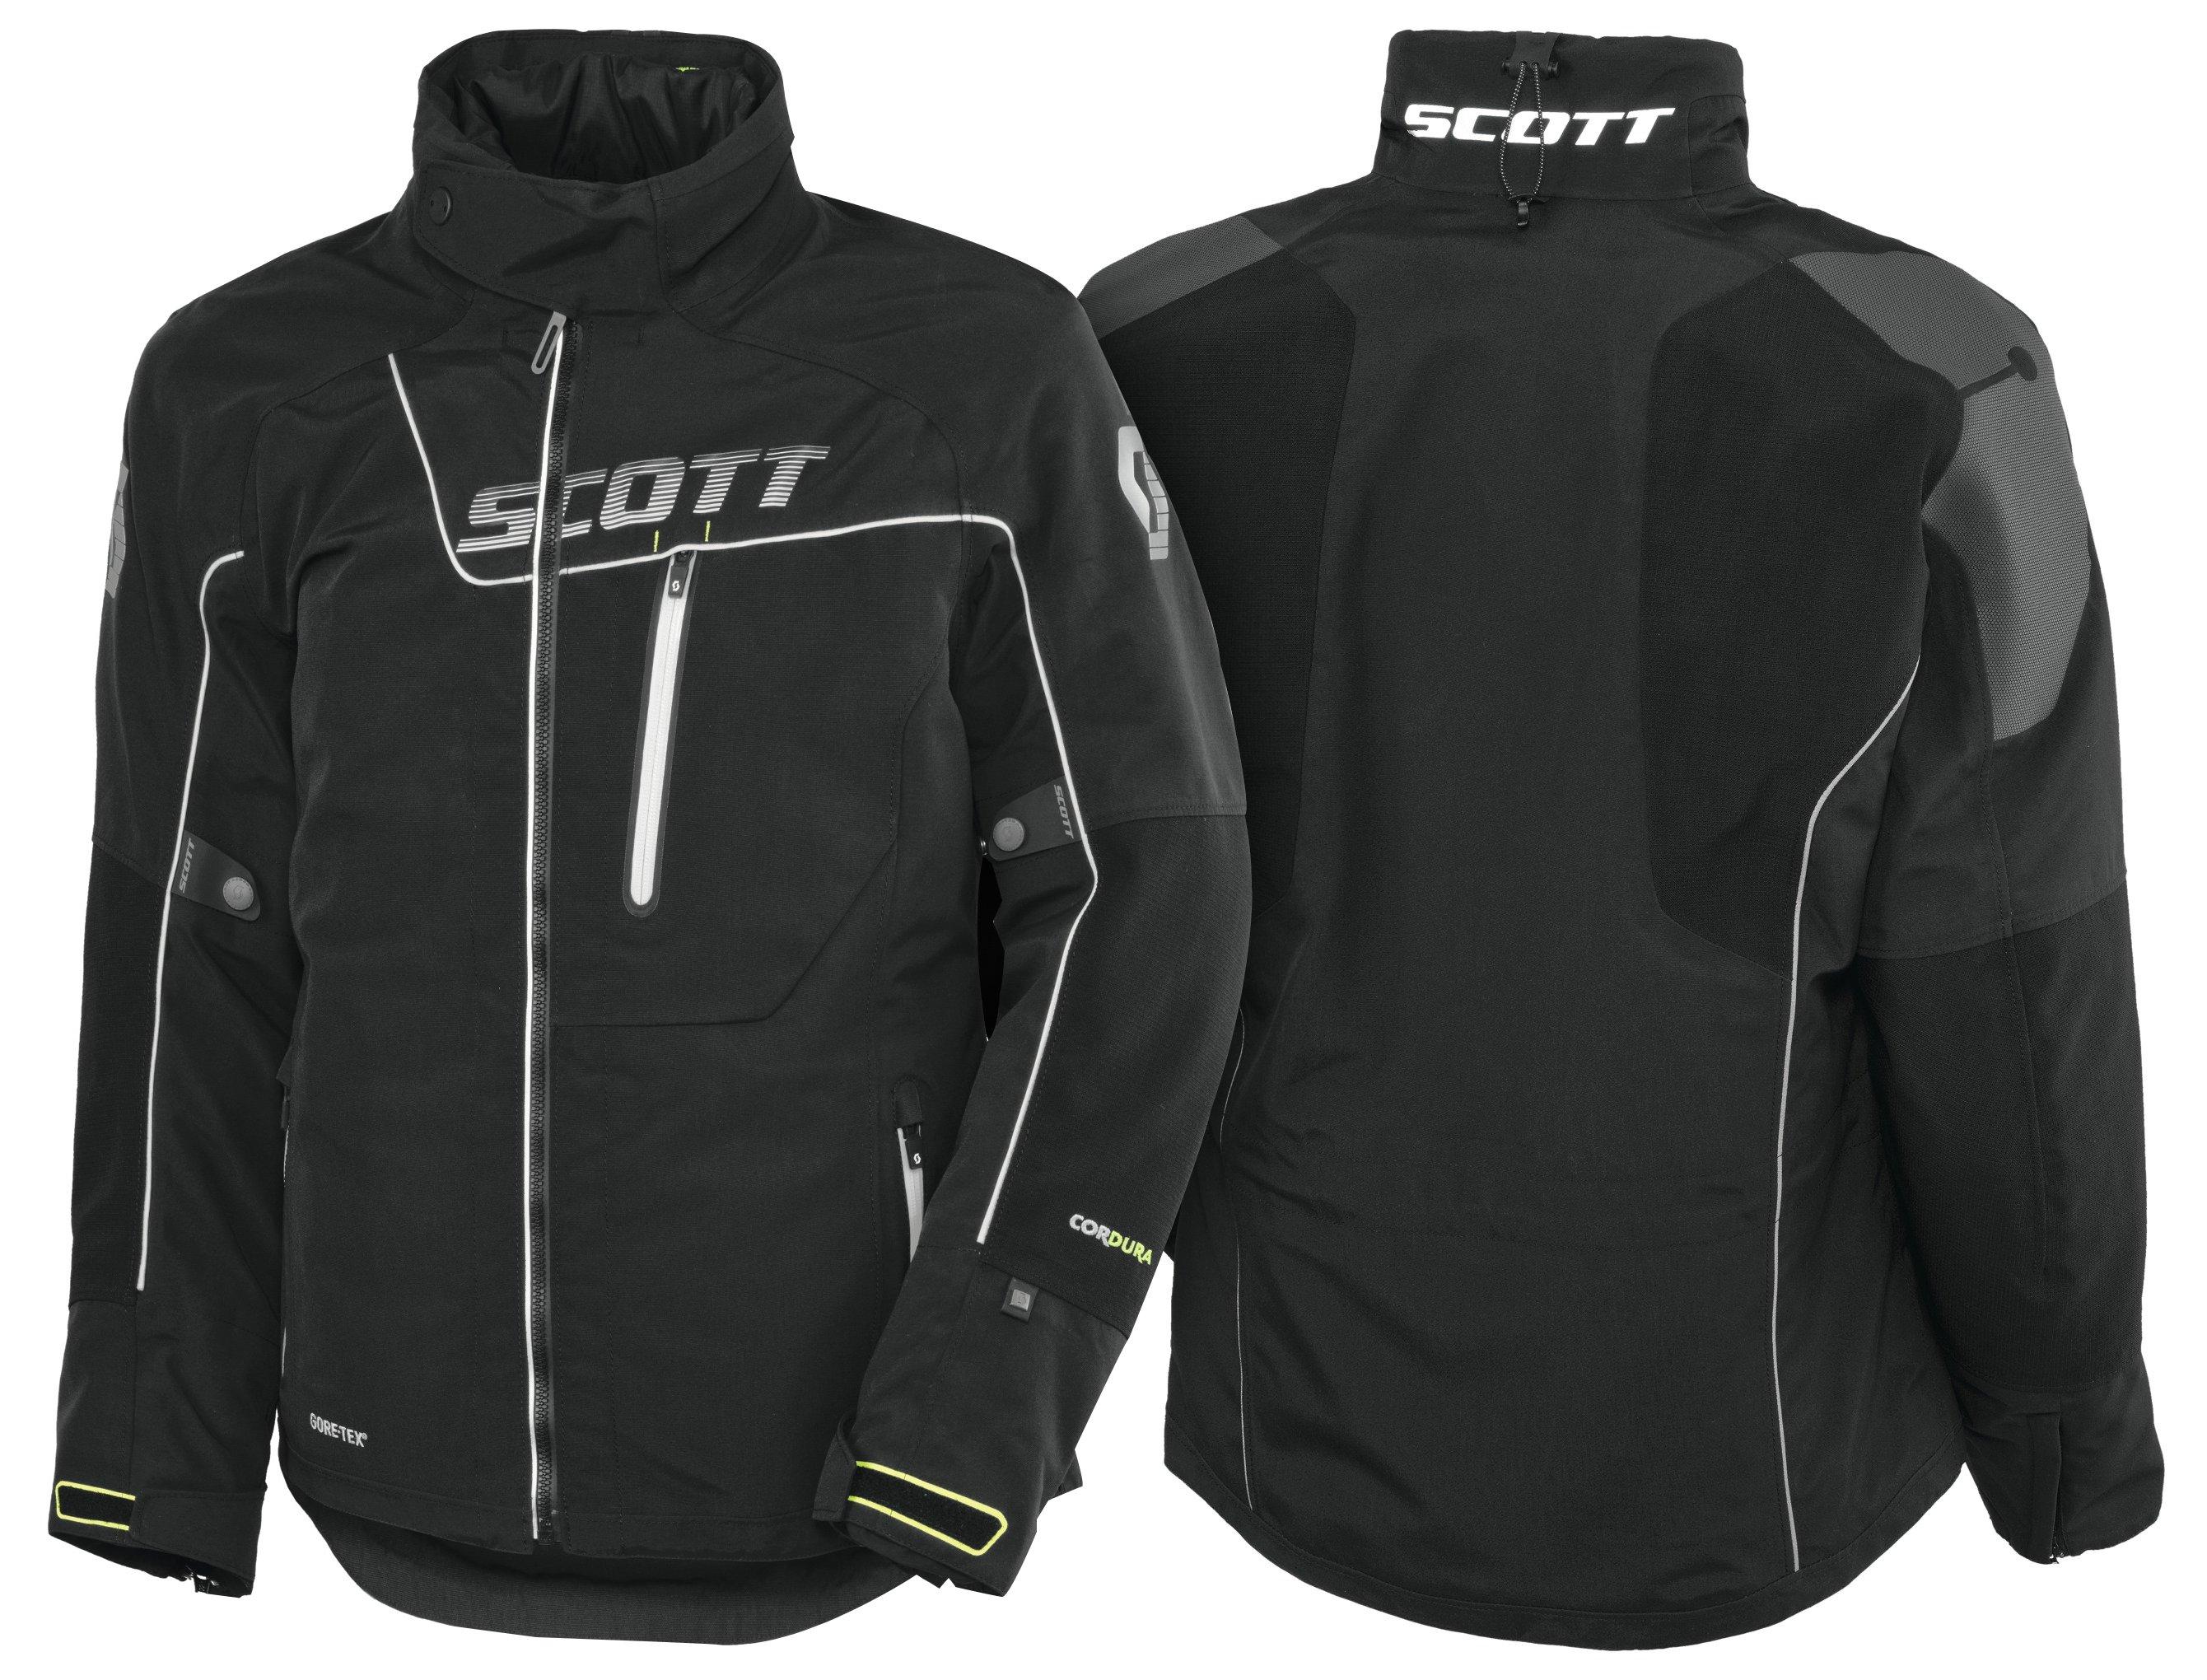 La veste Scott Distinct 1 Pro GT